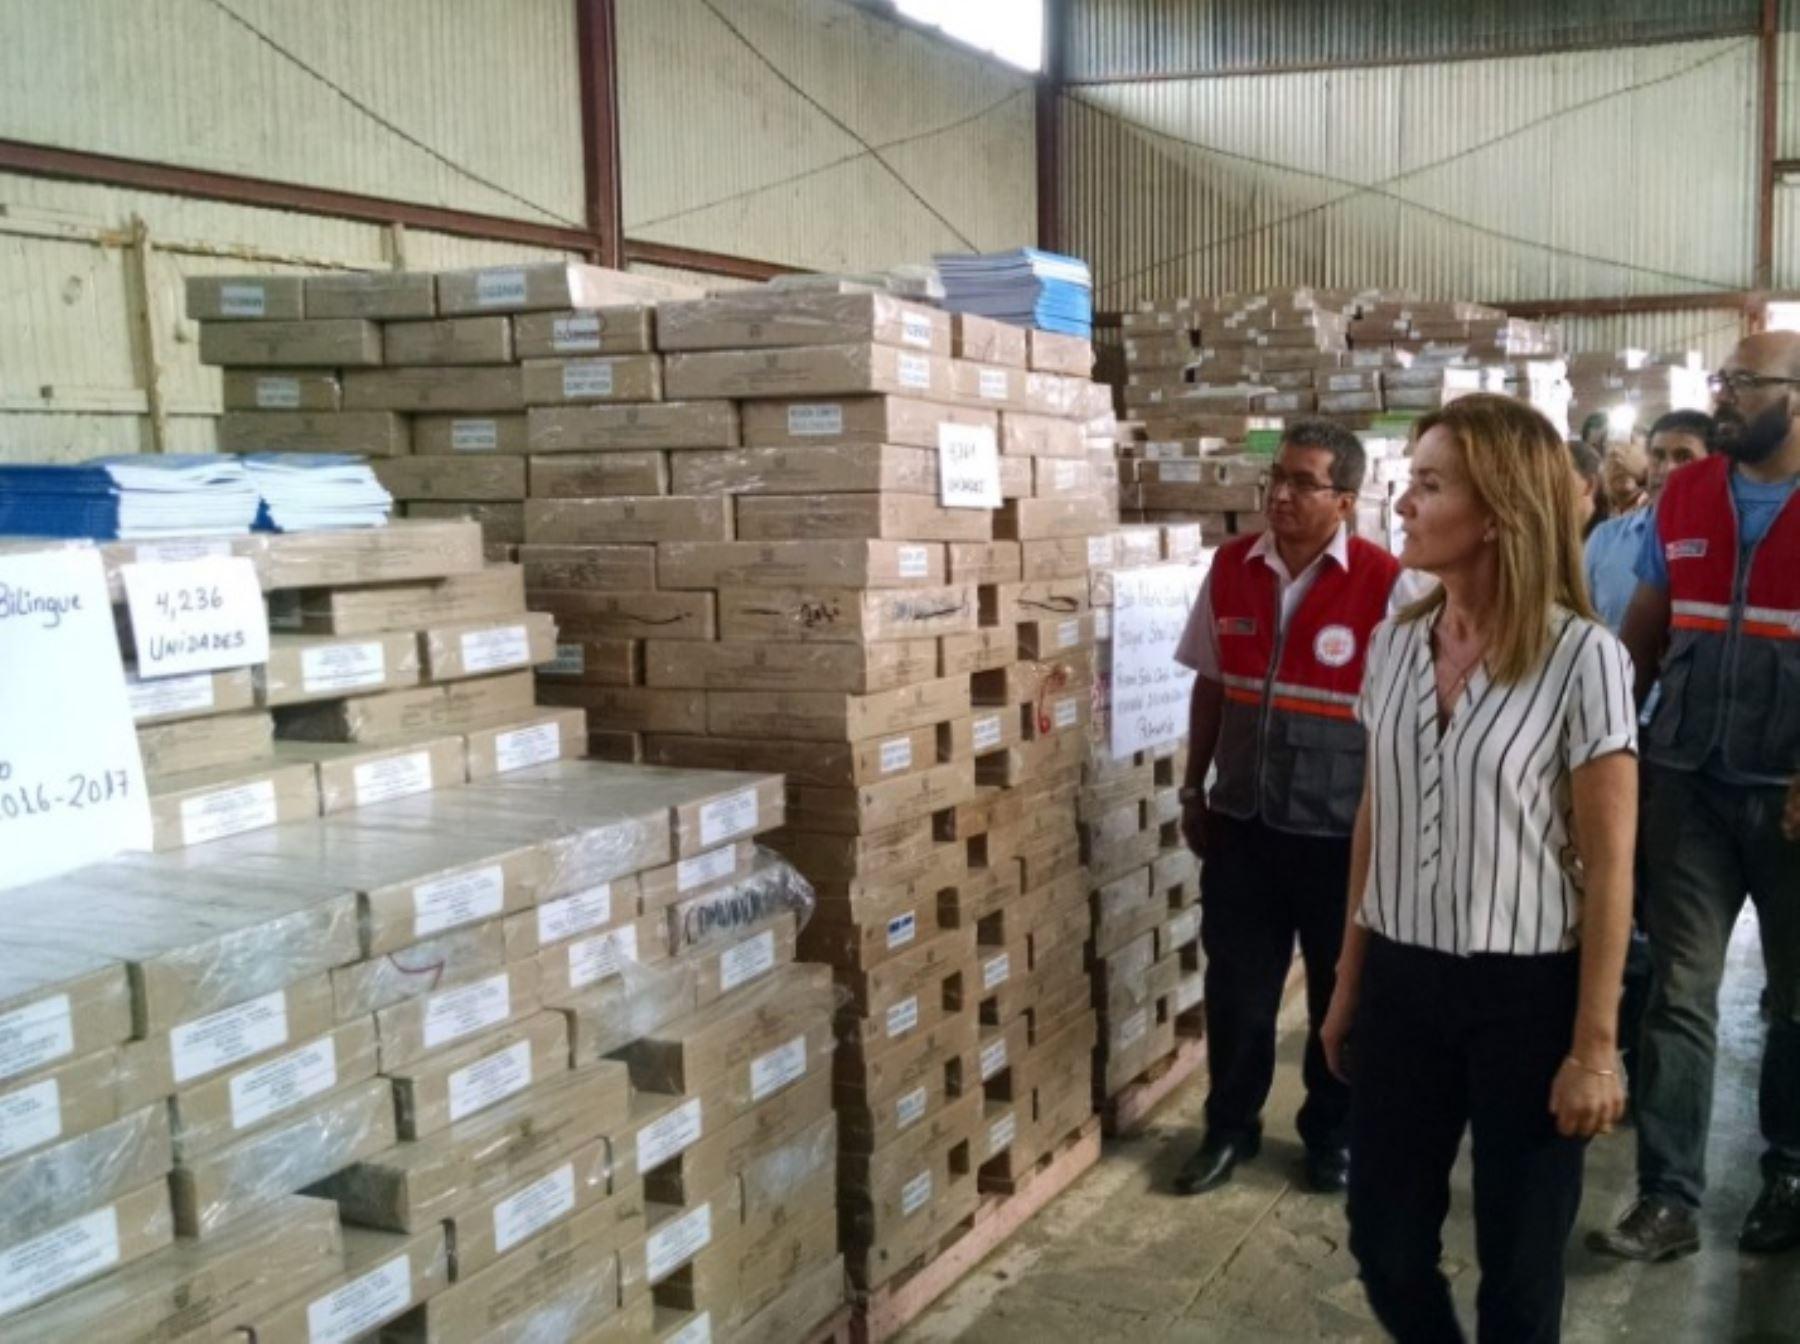 La ministra de Educación, Marilú Martens, visitó el almacén de la Ugel de Yurimaguas para verificar el estado de los materiales educativos que se entregarán a los alumnos este año.